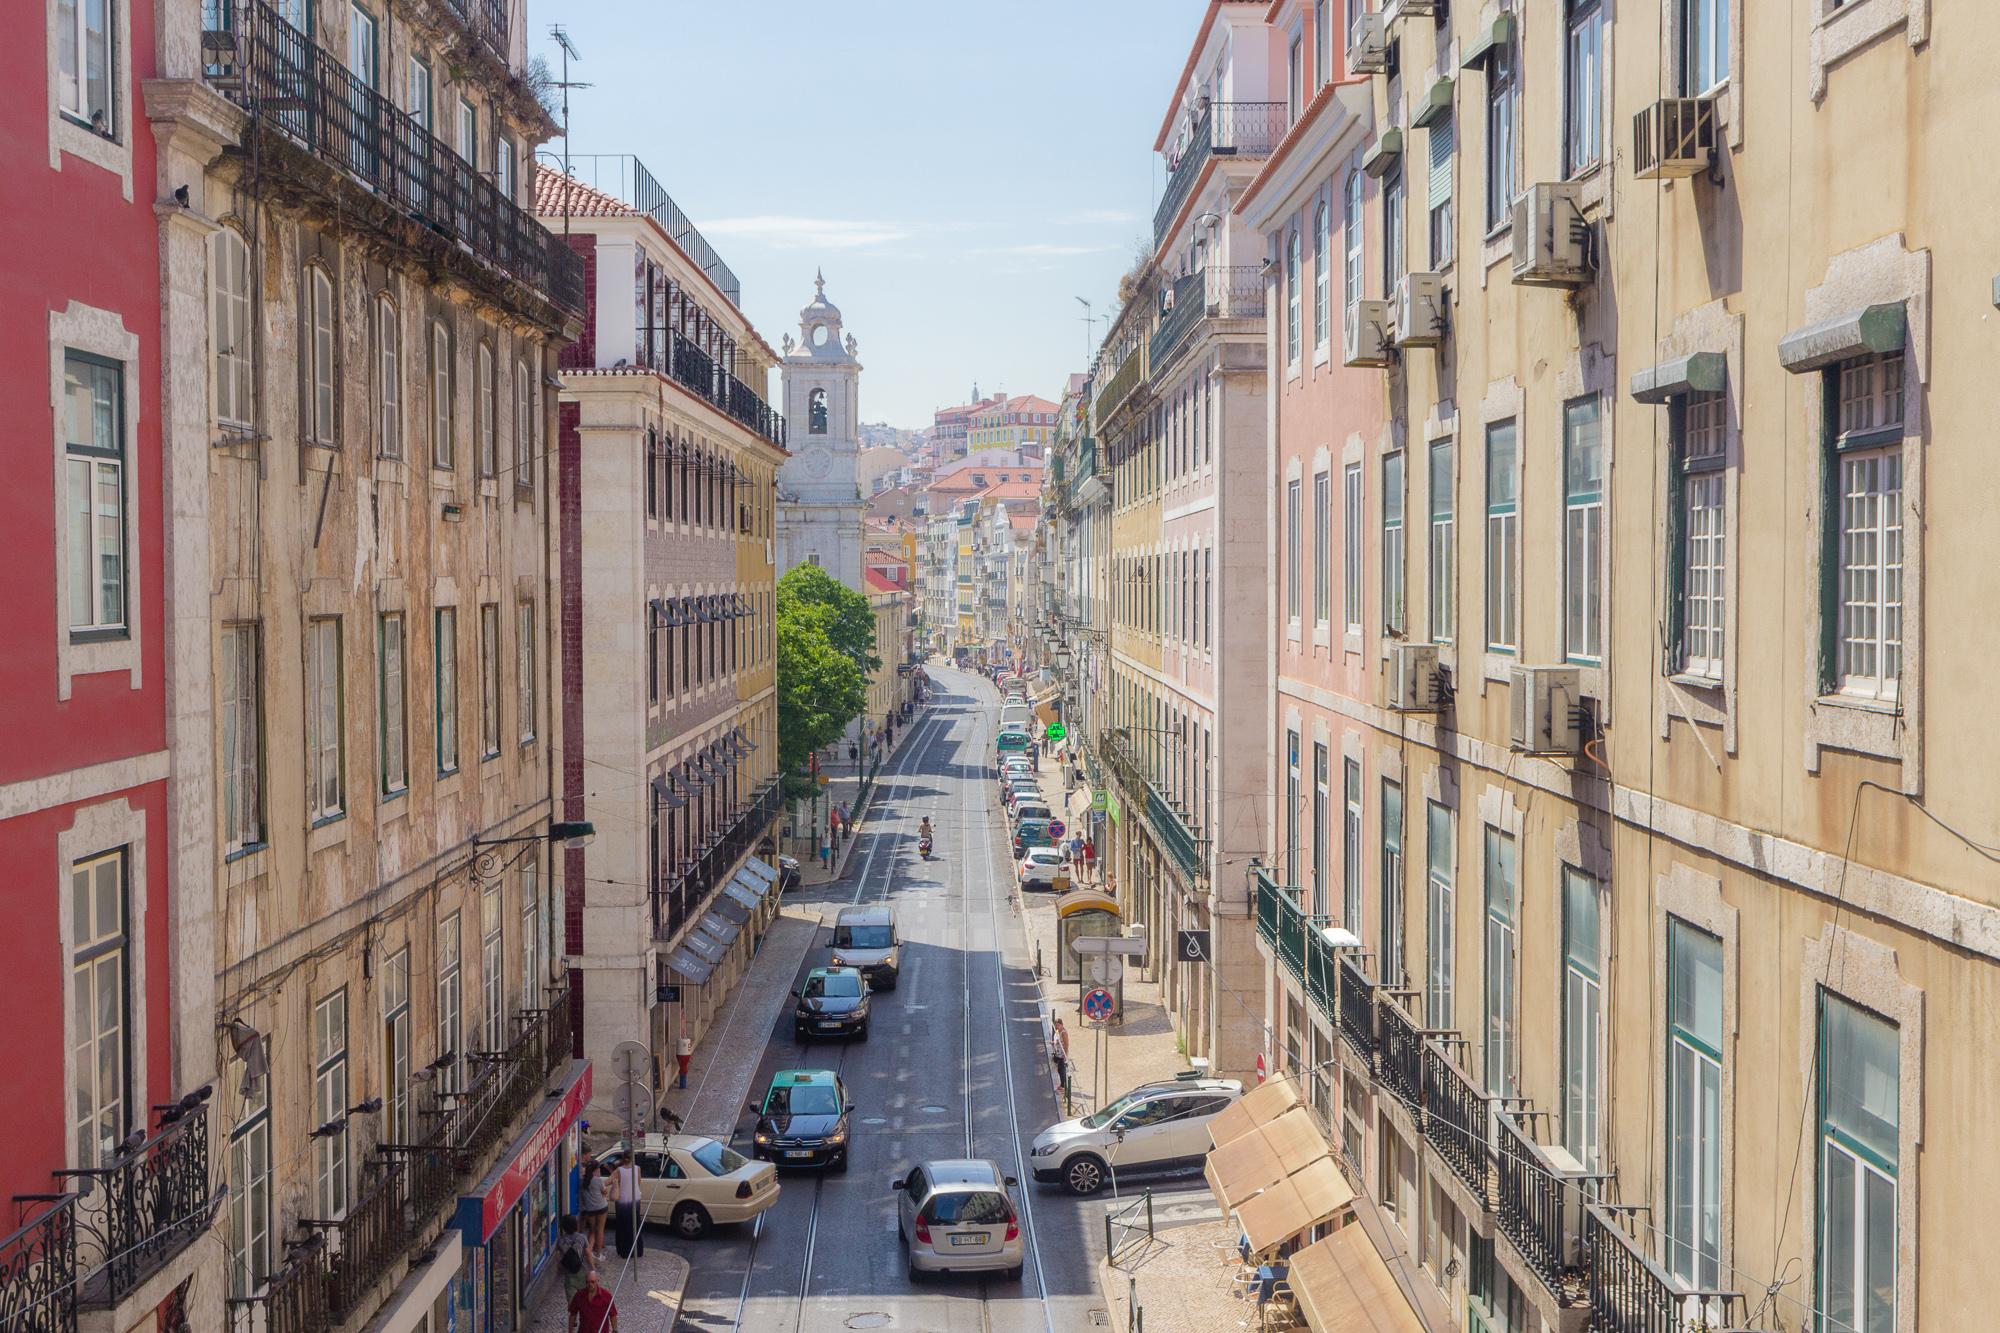 Rue de S. Paulo depuis la rue do Alecrim, Lisbonne, Portugal